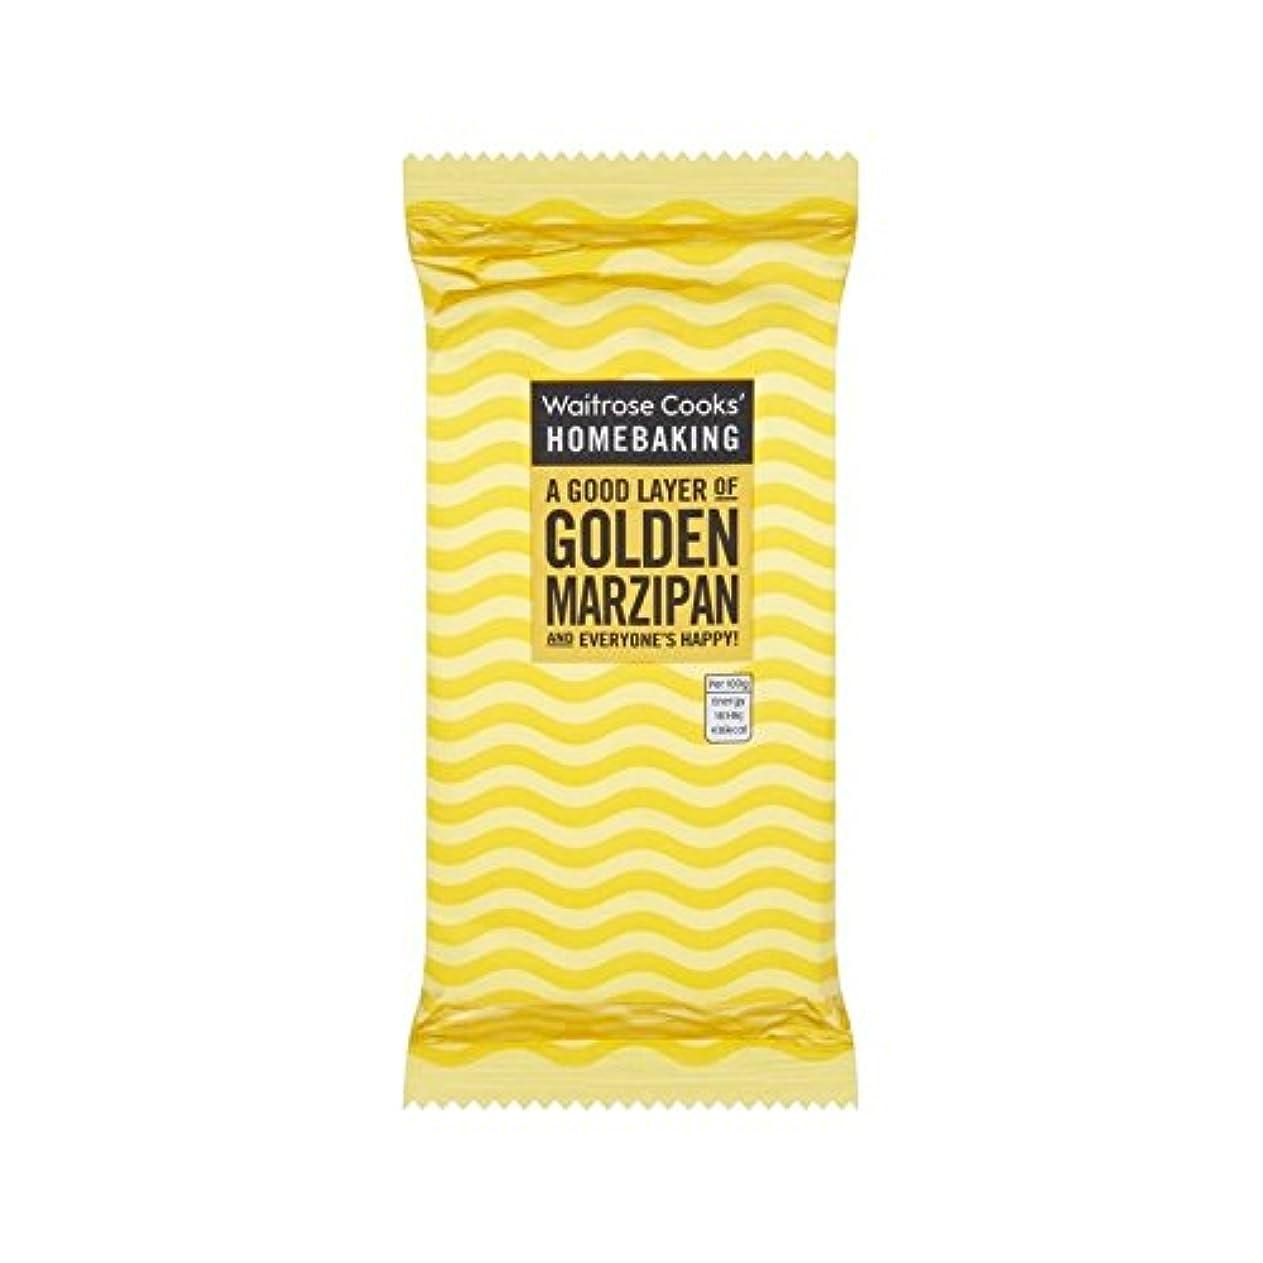 抵抗する定数腸黄金のマジパン500グラム (Waitrose) (x 6) - Golden Marzipan Waitrose 500g (Pack of 6)